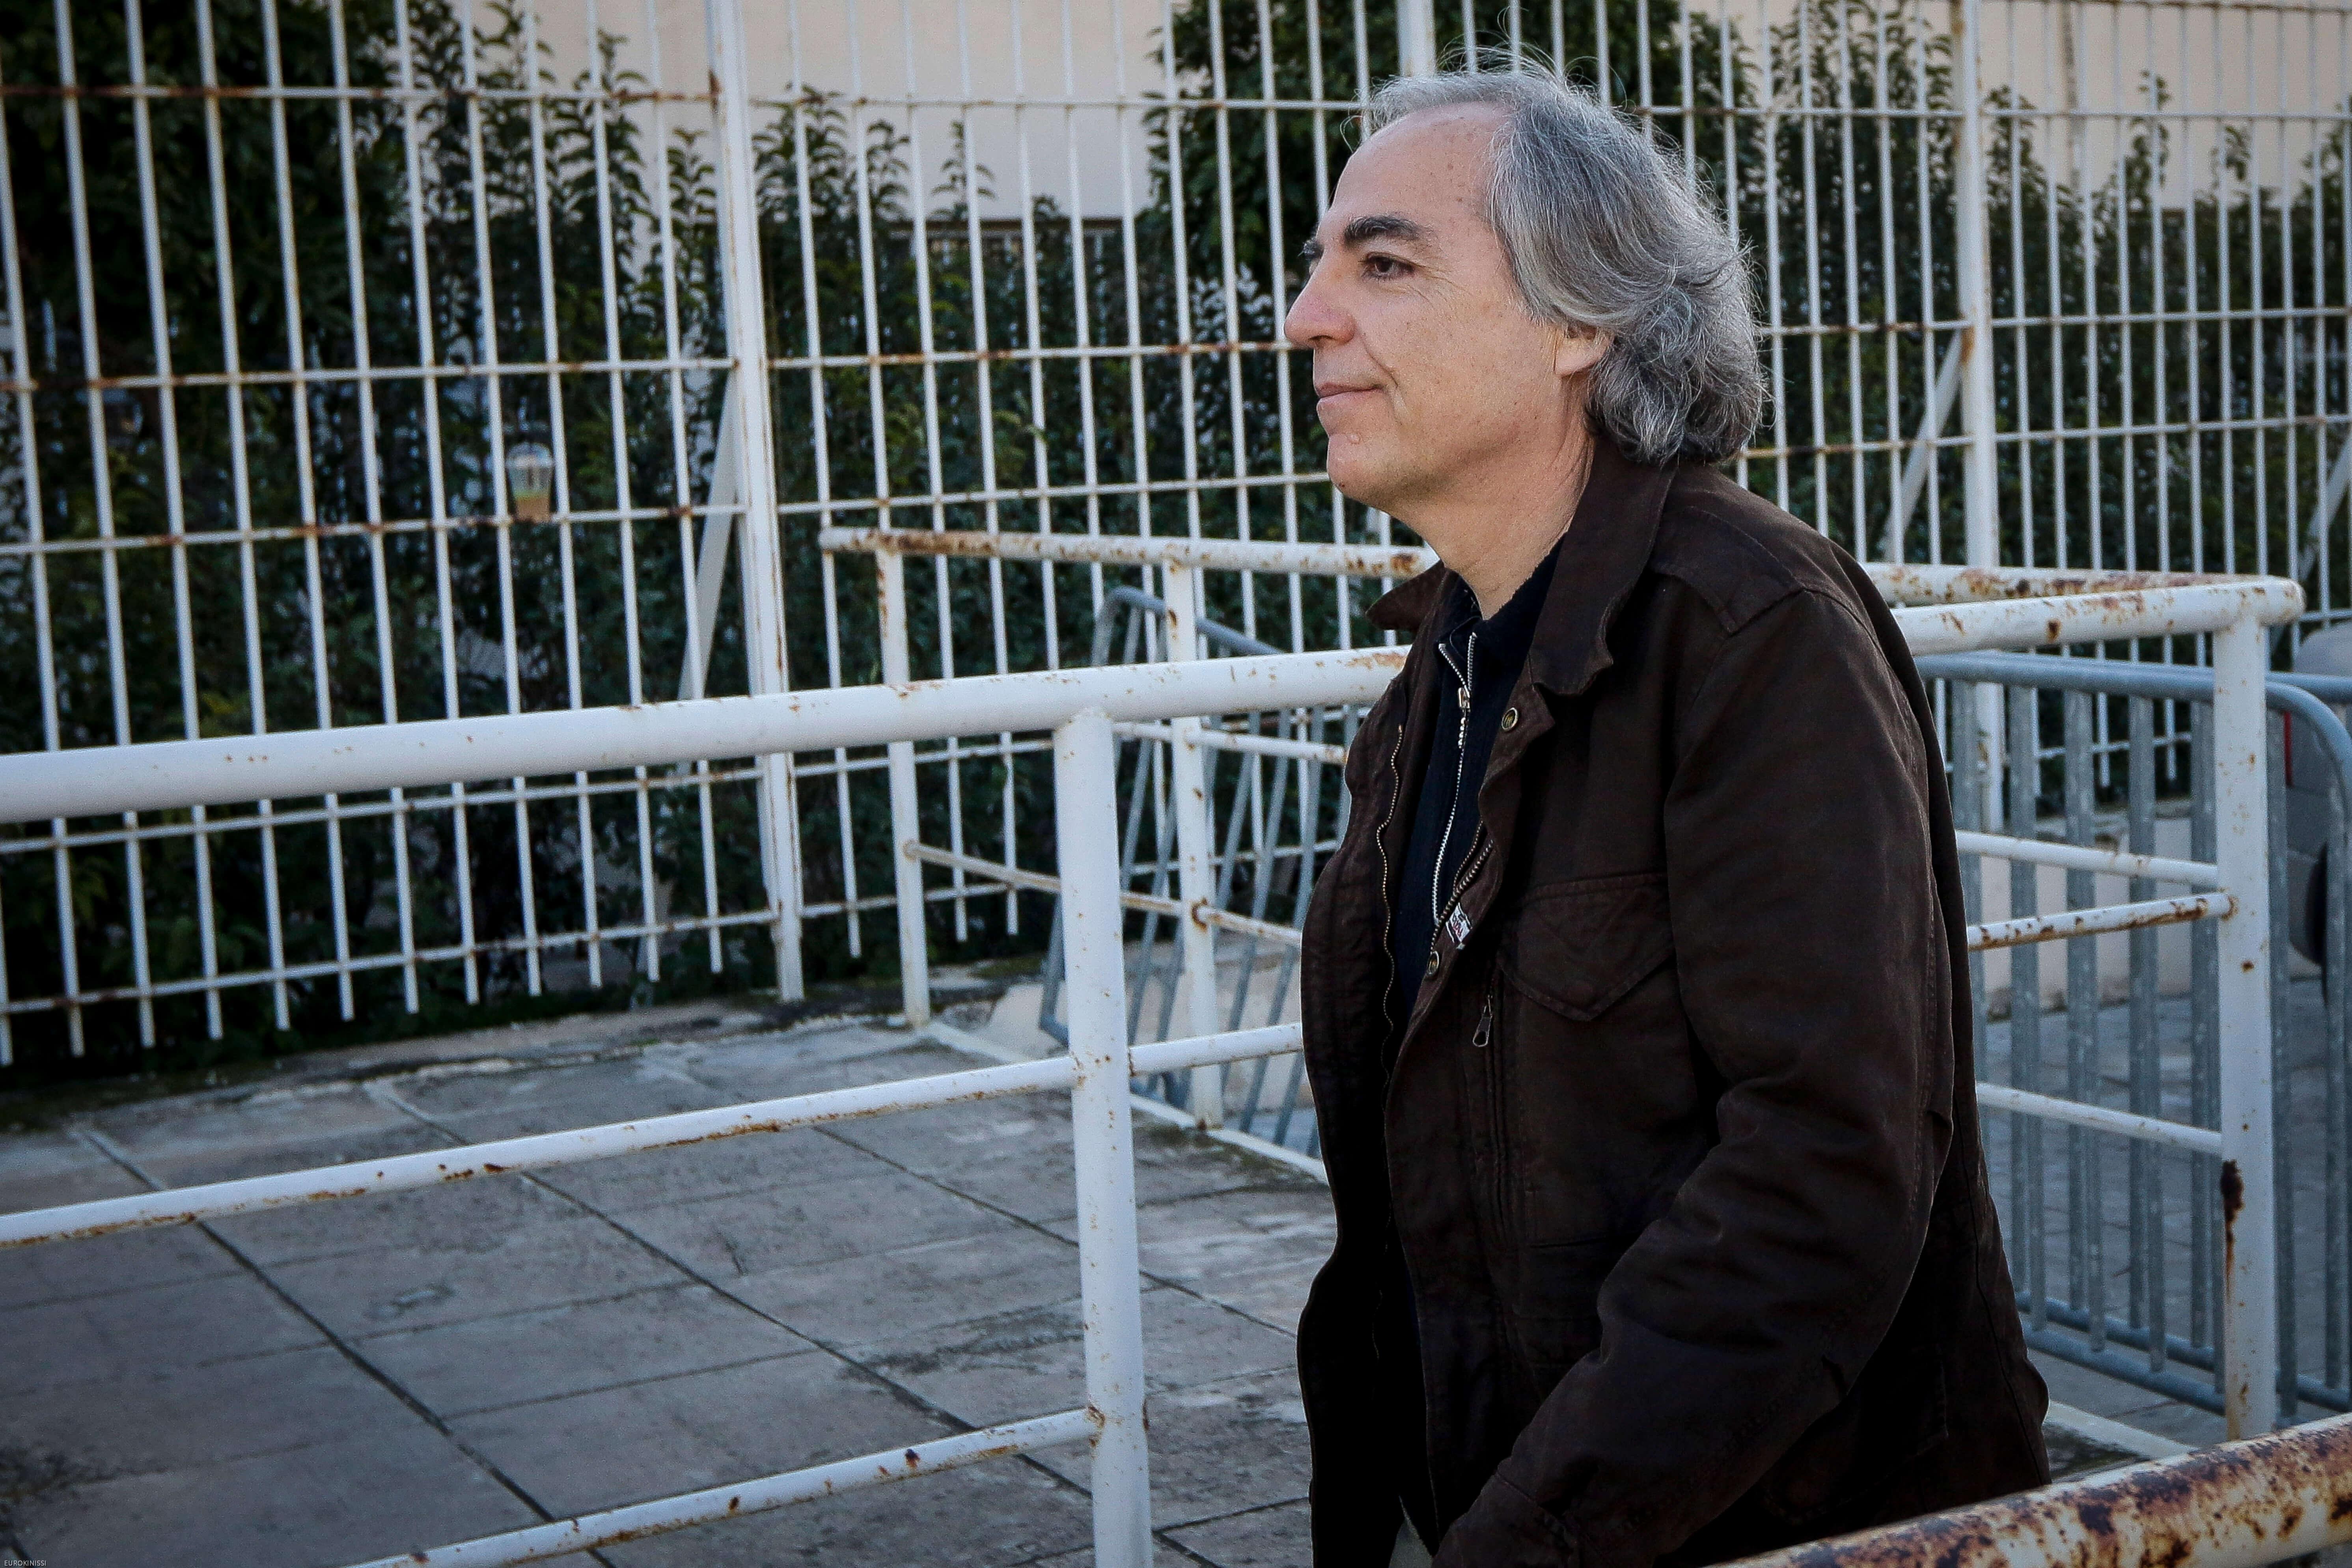 Άδεια Κουφοντίνα: Νέο «όχι» από την Εισαγγελέα Βόλου λόγω «έλλειψης μεταστροφής στη στάση του»